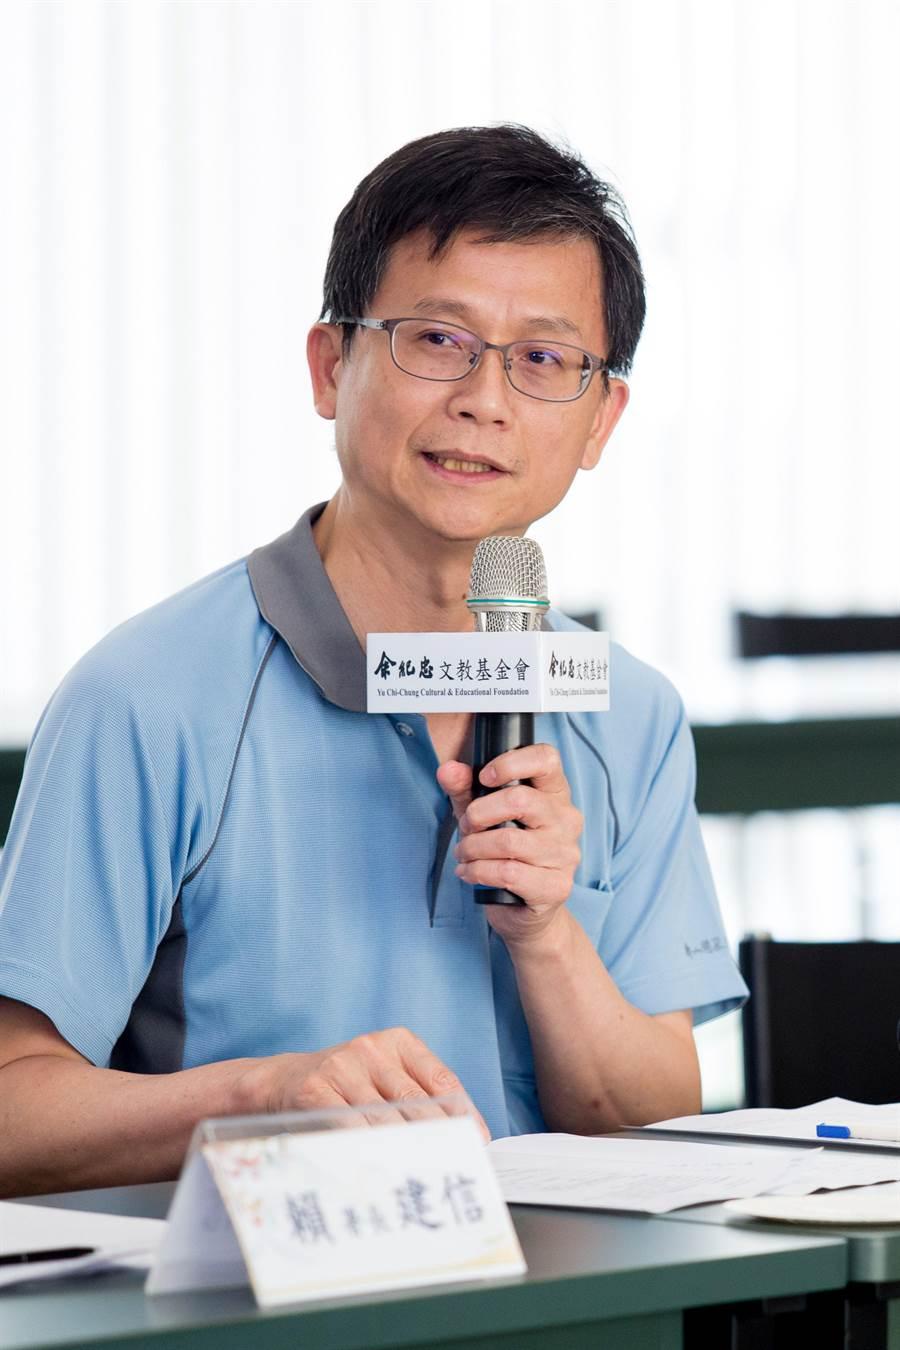 環保署副署長詹順貴表示將不會留任,與閣揆林全共進退。(中時資料照/陳信翰攝)